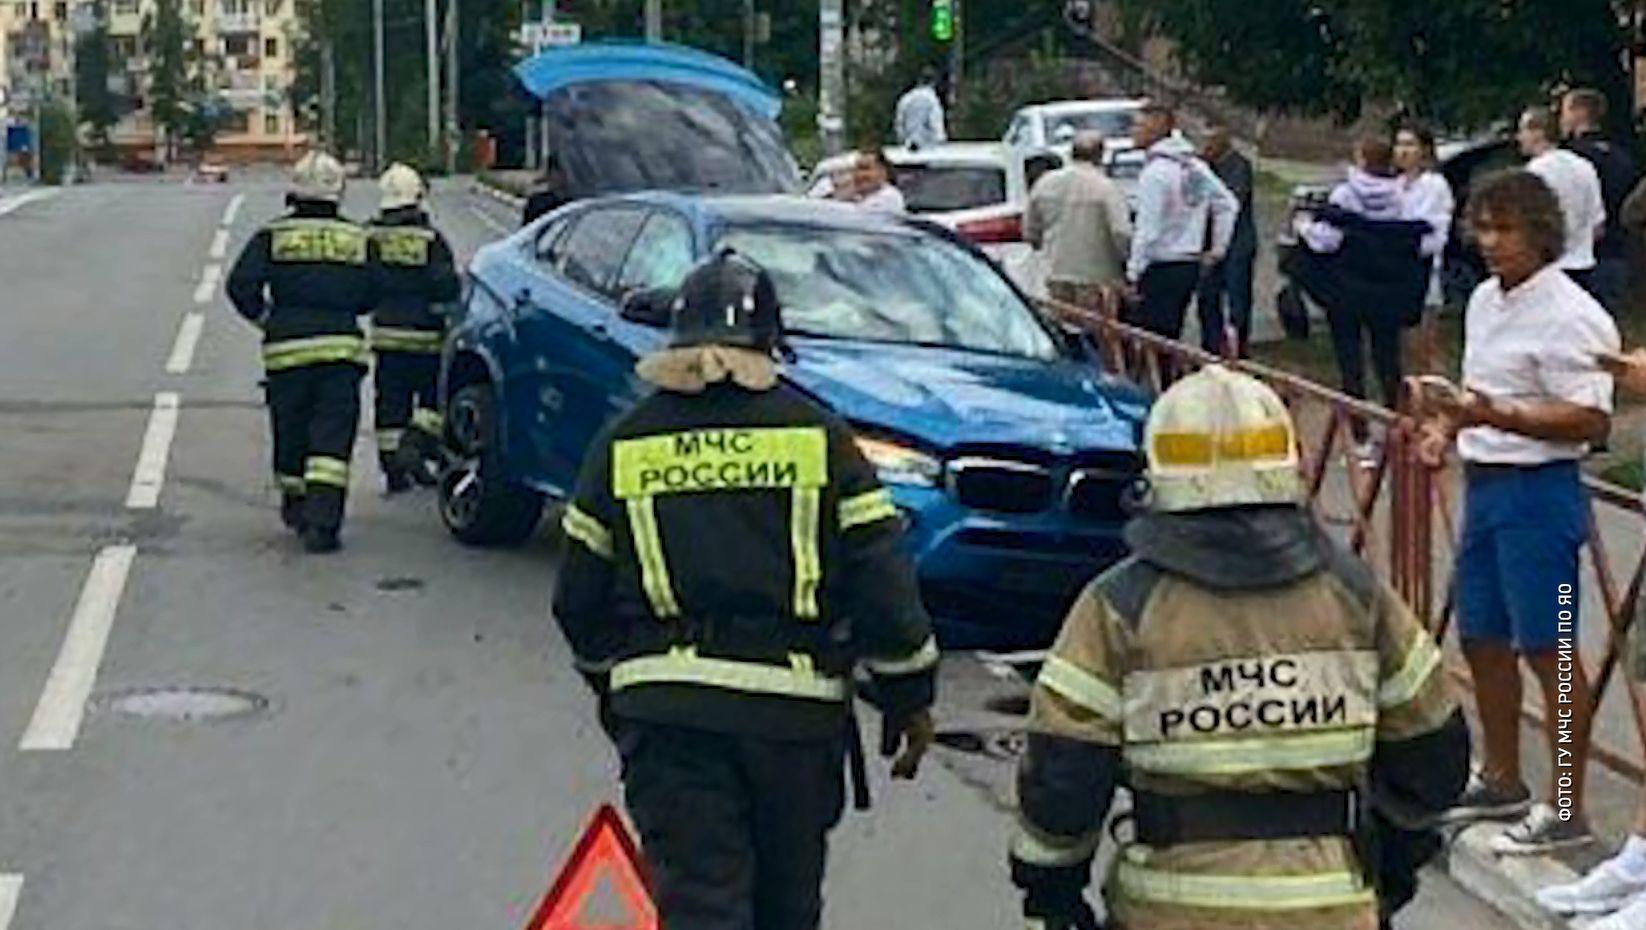 Сразу три автомобиля не смогли разъехаться на улице Победы в Ярославле: есть пострадавшие